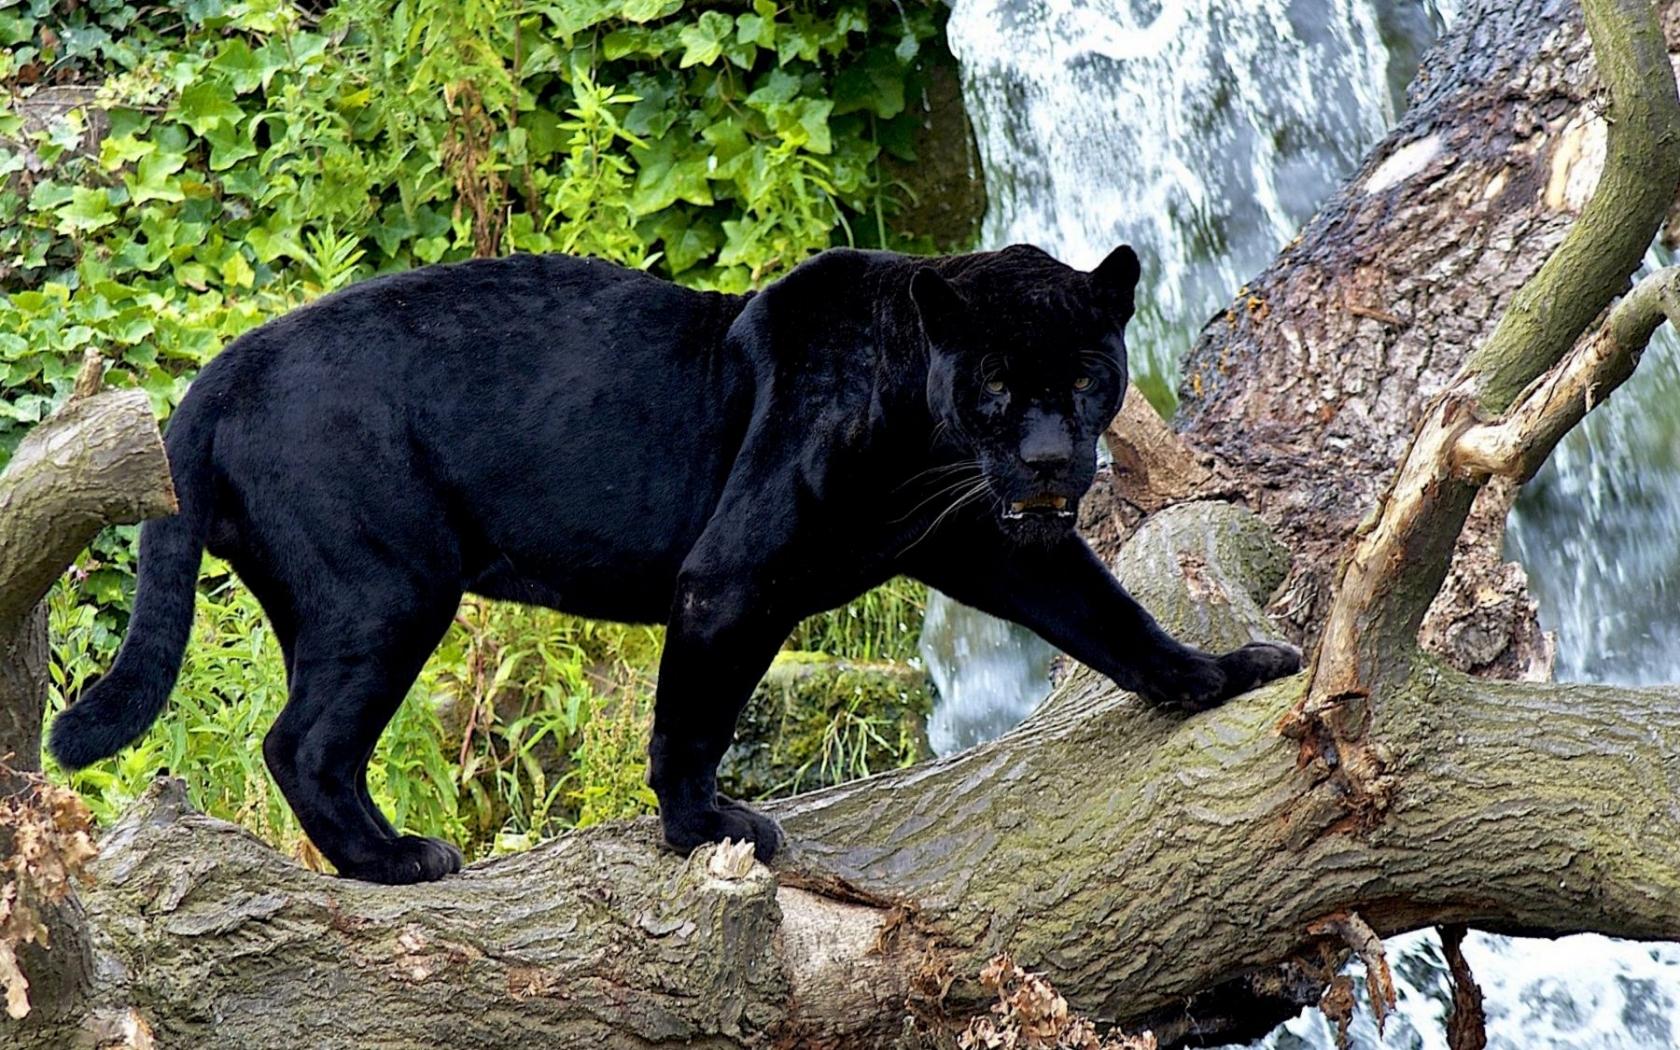 29506 скачать обои Пантеры, Животные - заставки и картинки бесплатно